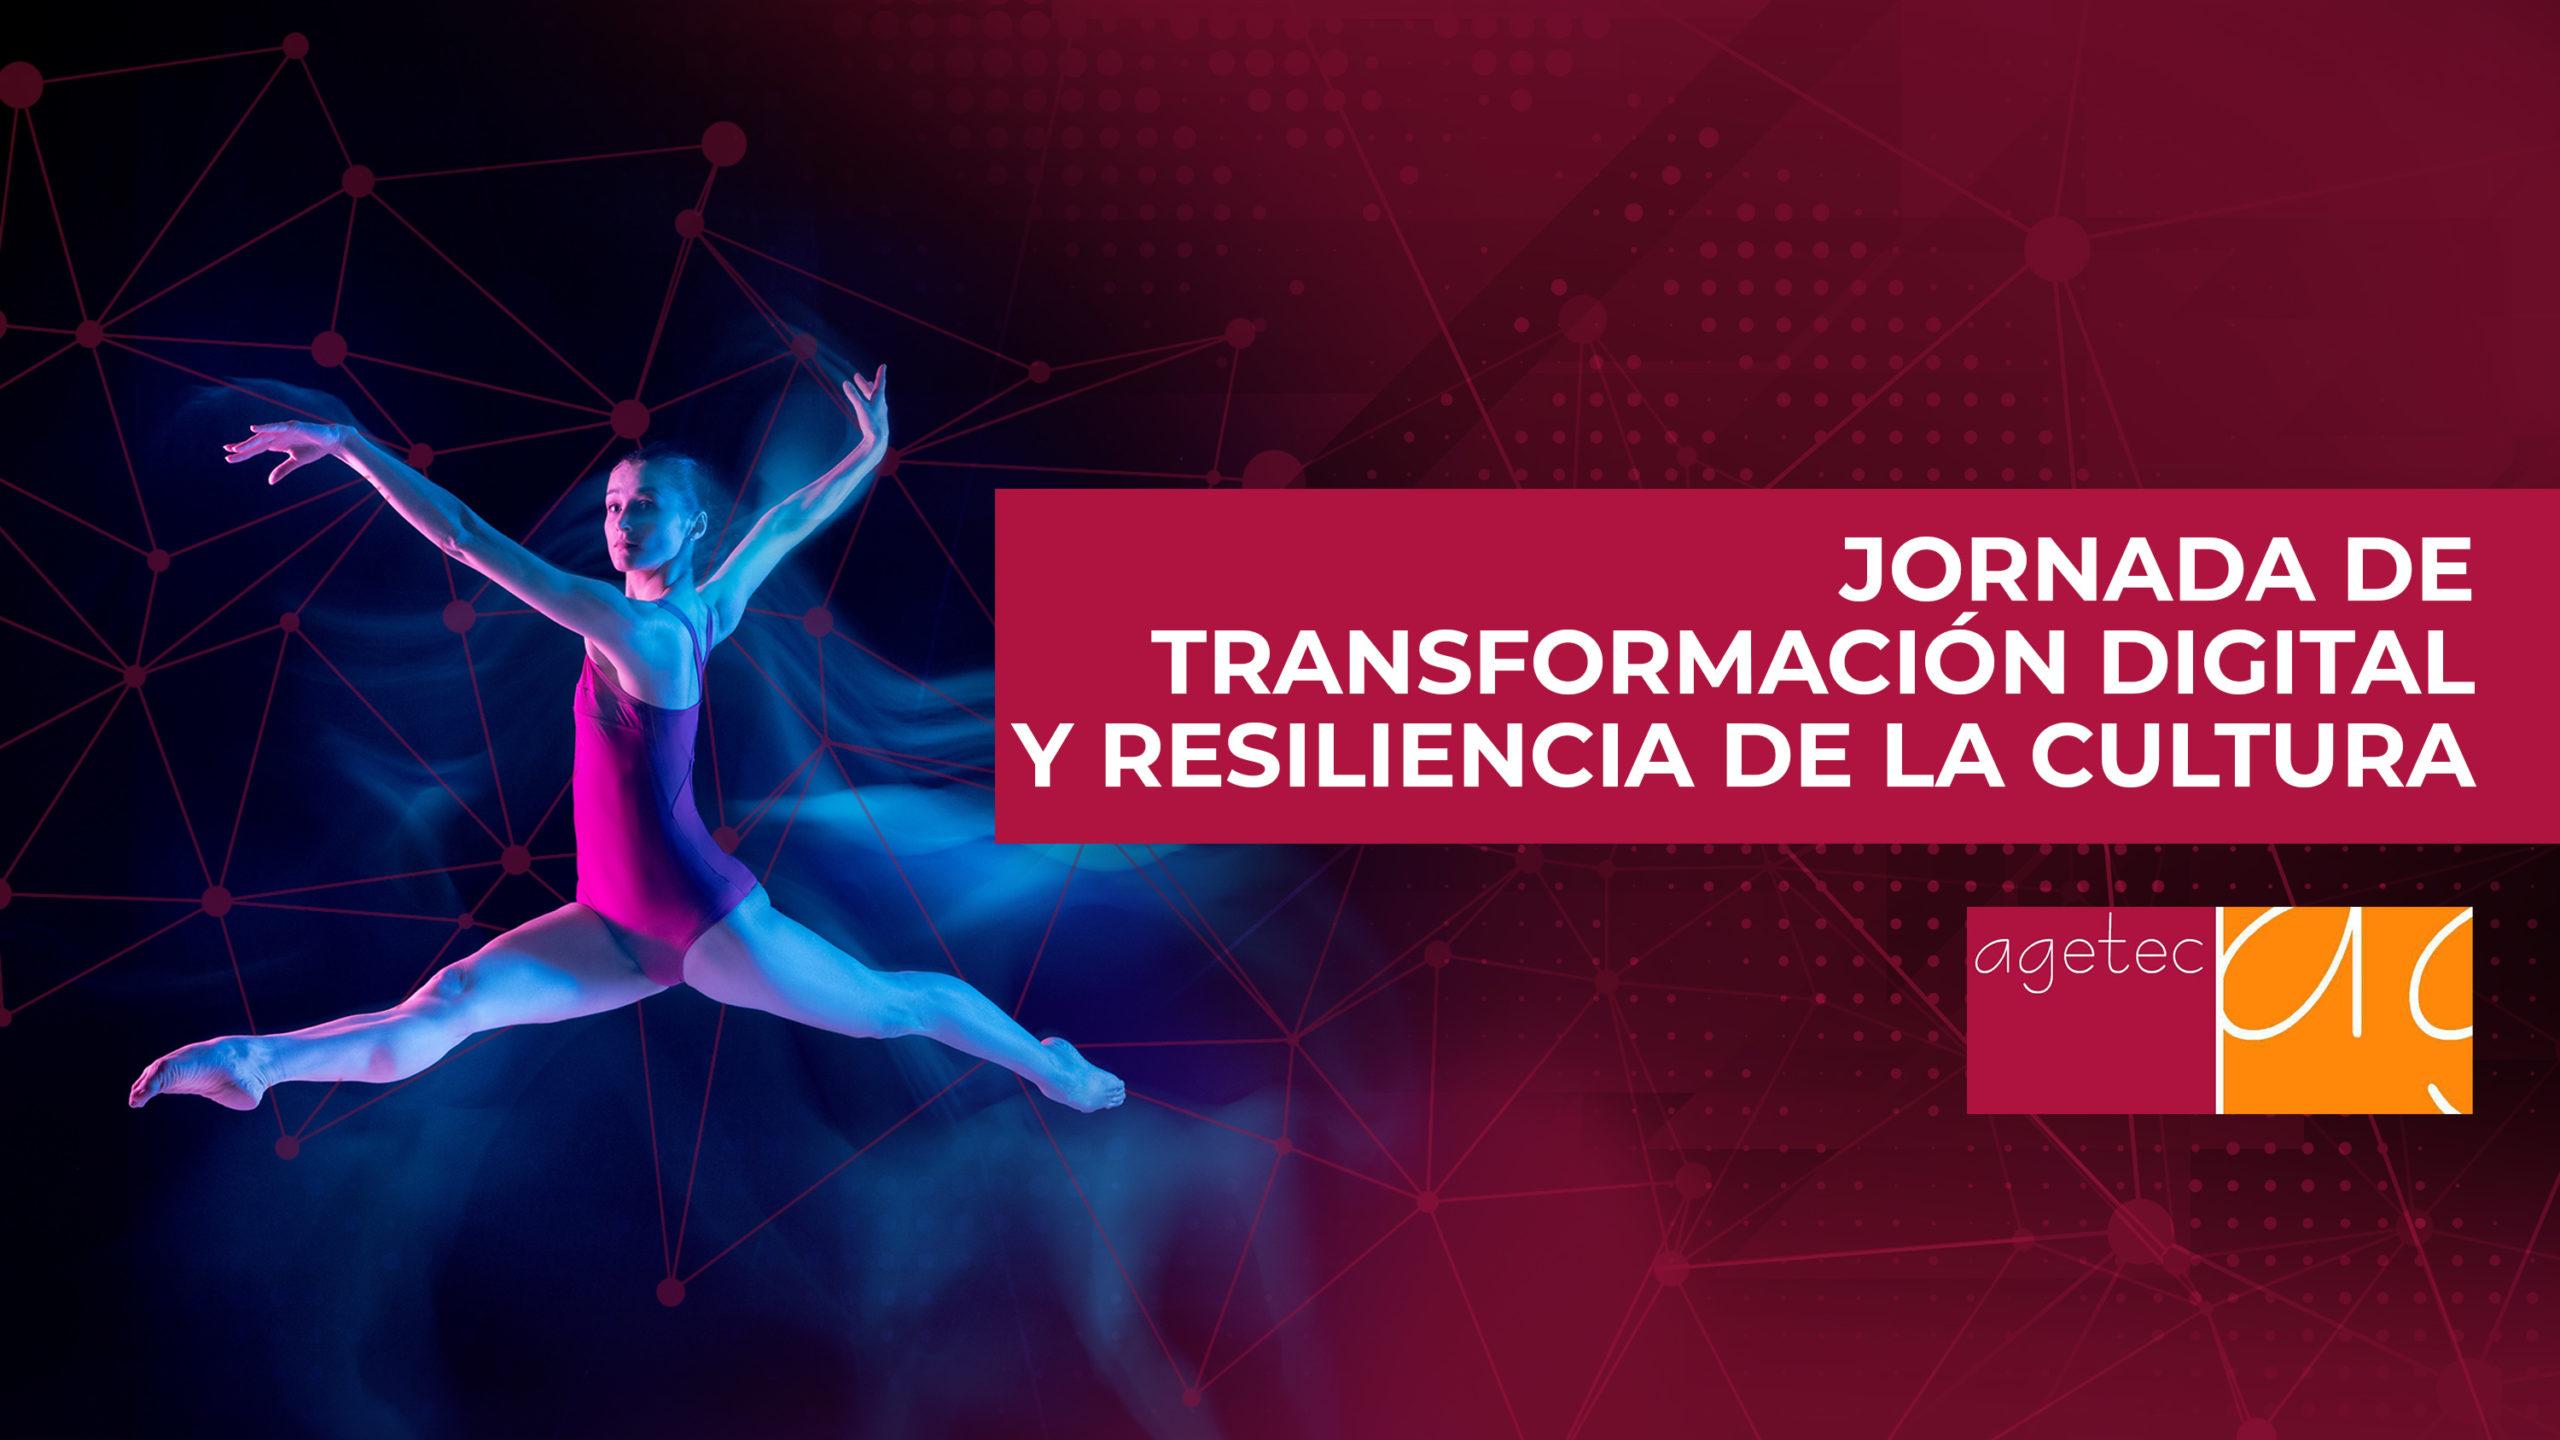 Jornada de transformación digital y resiliencia en la cultura